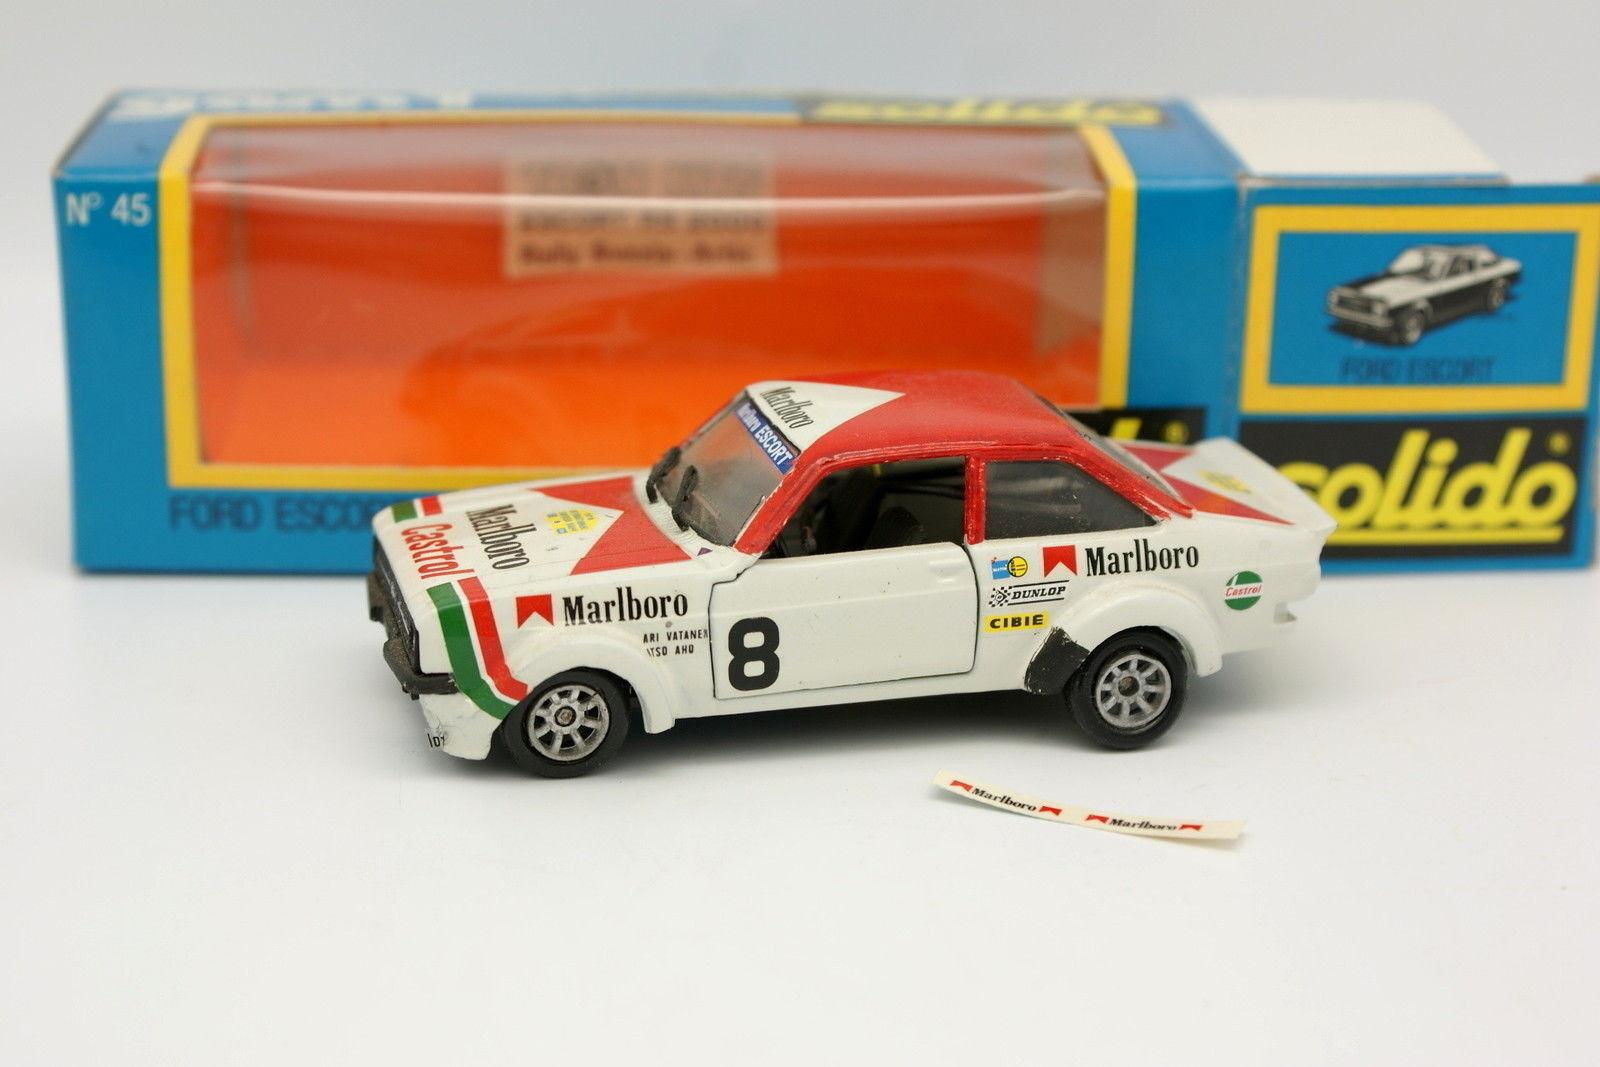 diseños exclusivos Solido Tron 1 43 - Ford Escort Rs Rs Rs 2000 Marlboro Rallye Suecia Vatanen  disfrutando de sus compras